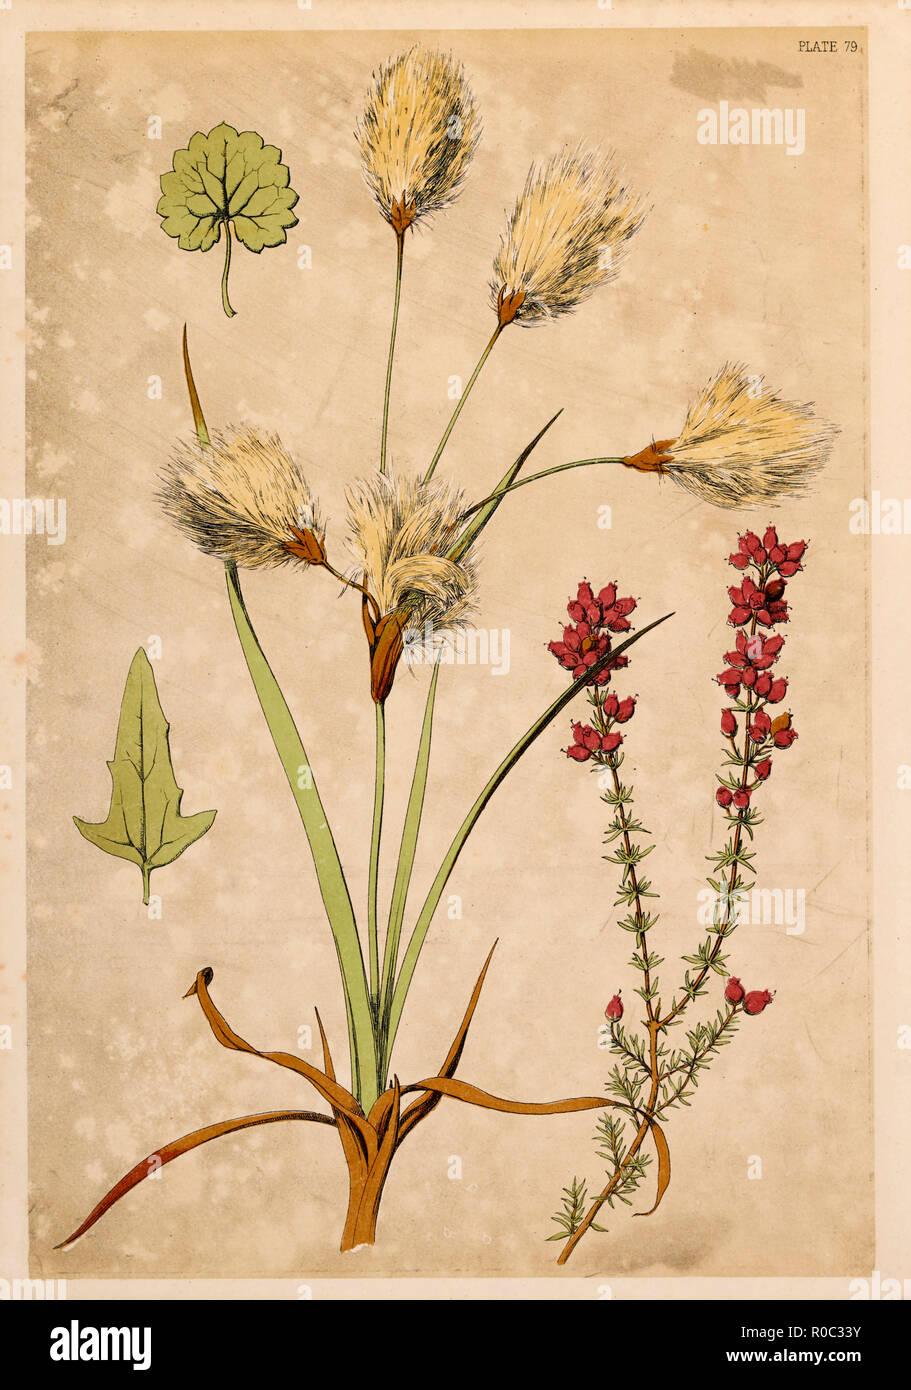 Baumwolle Gras und feinen Heide, Chromolithograph, 1868 Stockbild